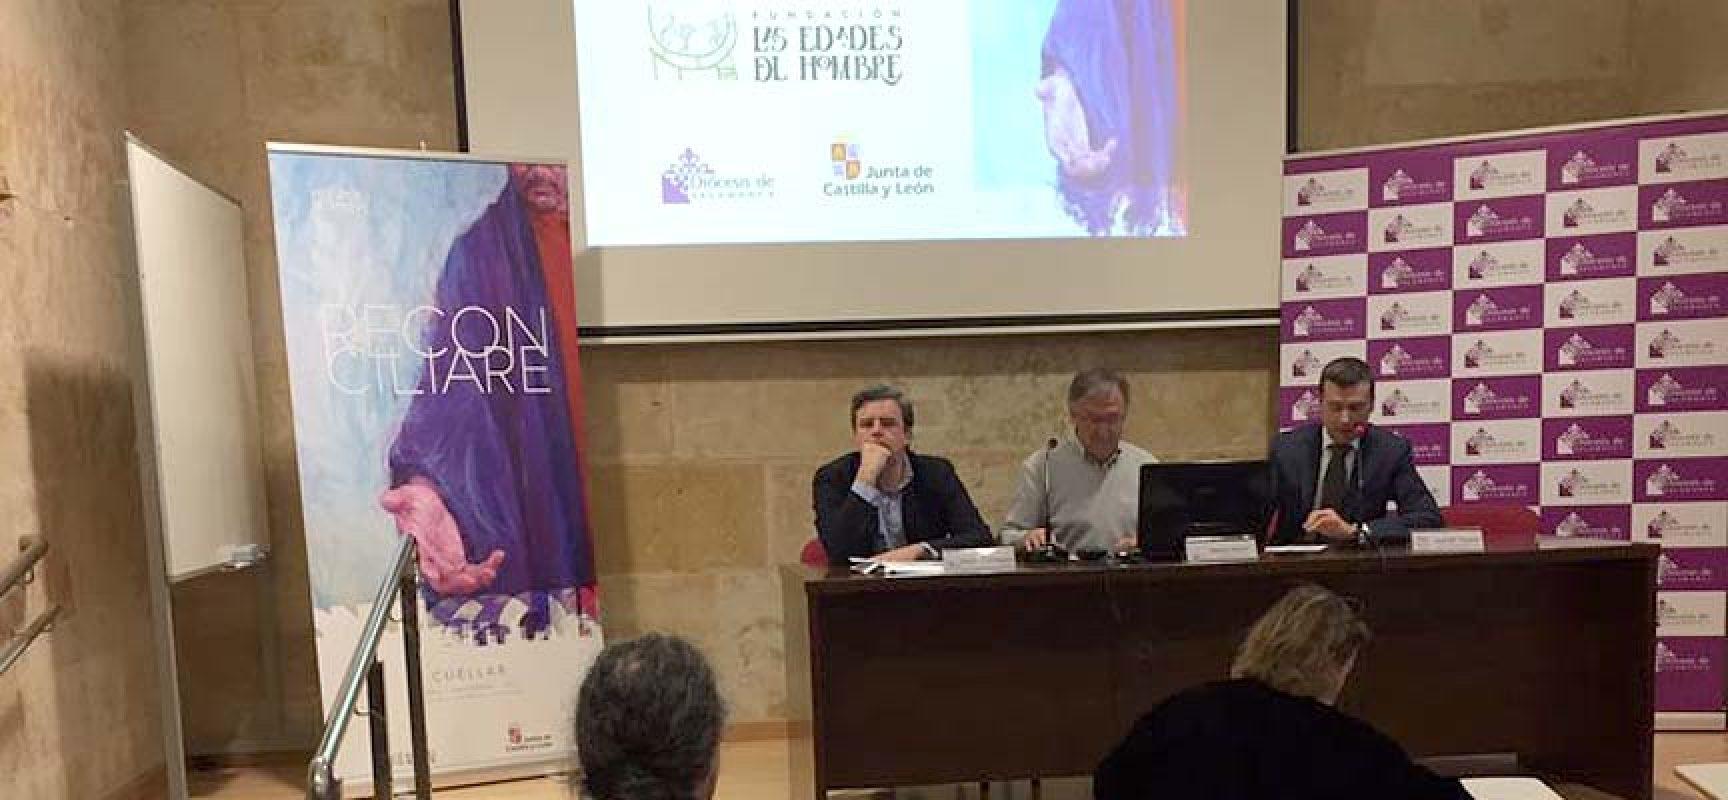 La Diócesis de Salamanca aporta dos piezas artísticas a la exposición 'Reconciliare' de las Edades Cuéllar 2017